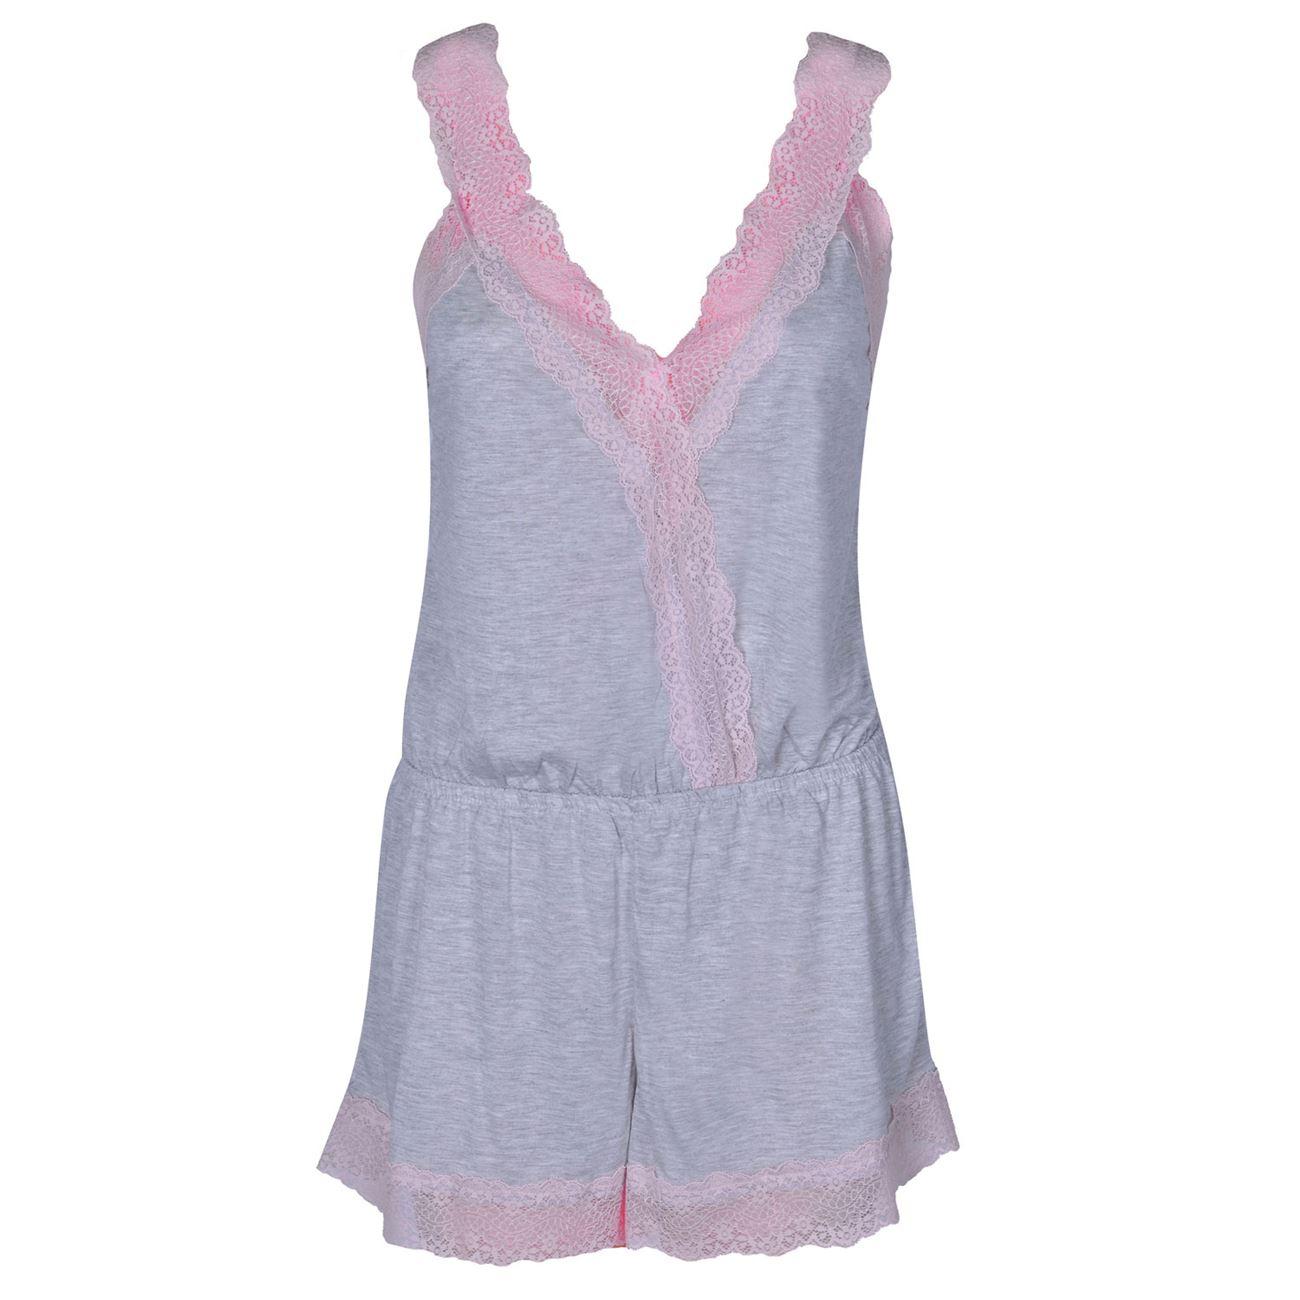 Πυτζάμες Γυναικείες Σαλοπέτα Γκρι Μελανζέ Ροζ Δαντέλα - One Size ... 79383bf24cc